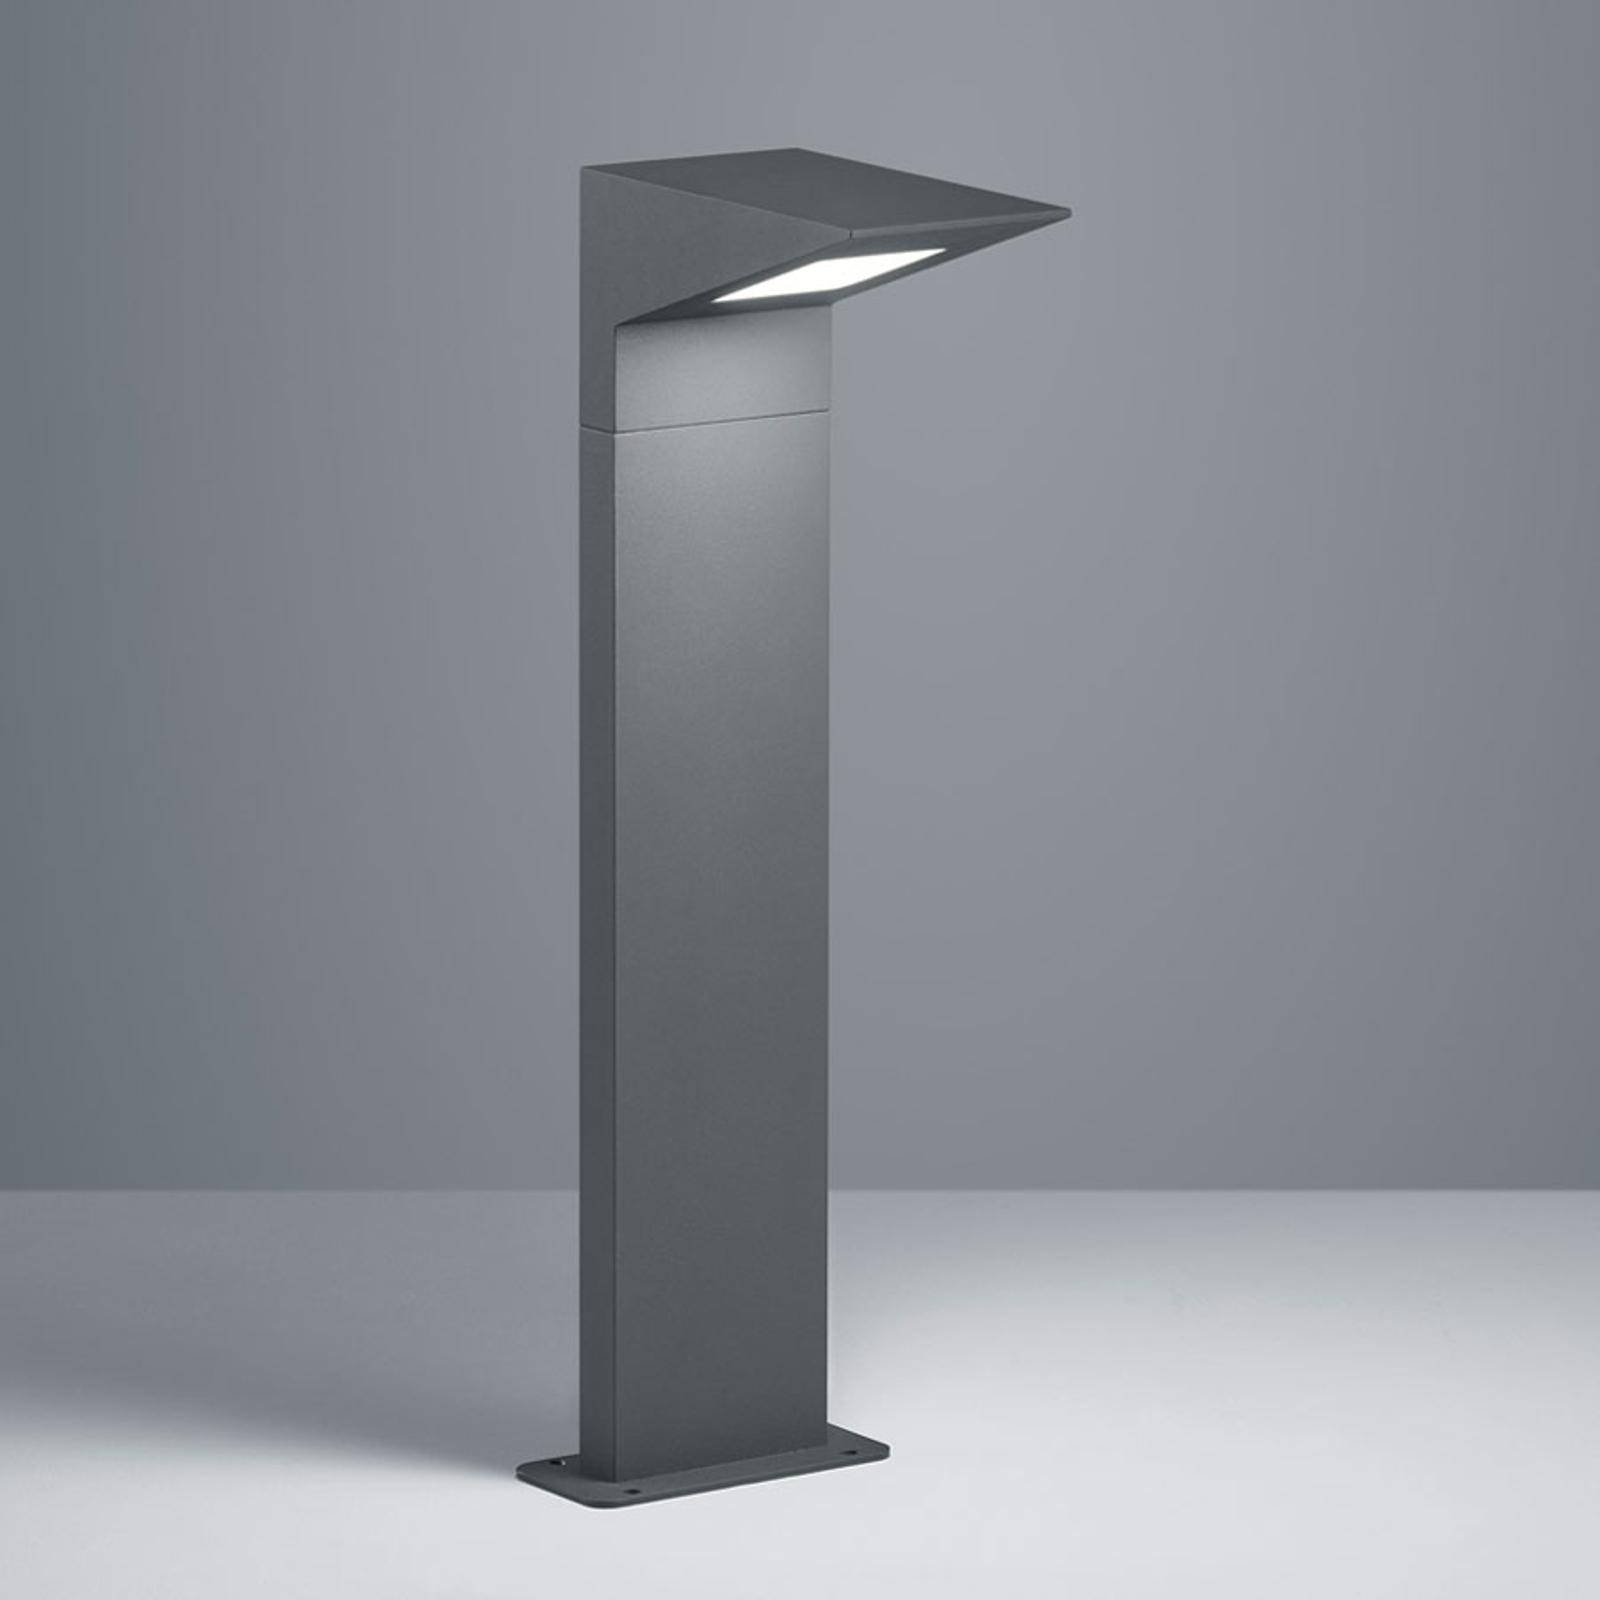 LED-Sockelleuchte Nelson, Höhe 50 cm